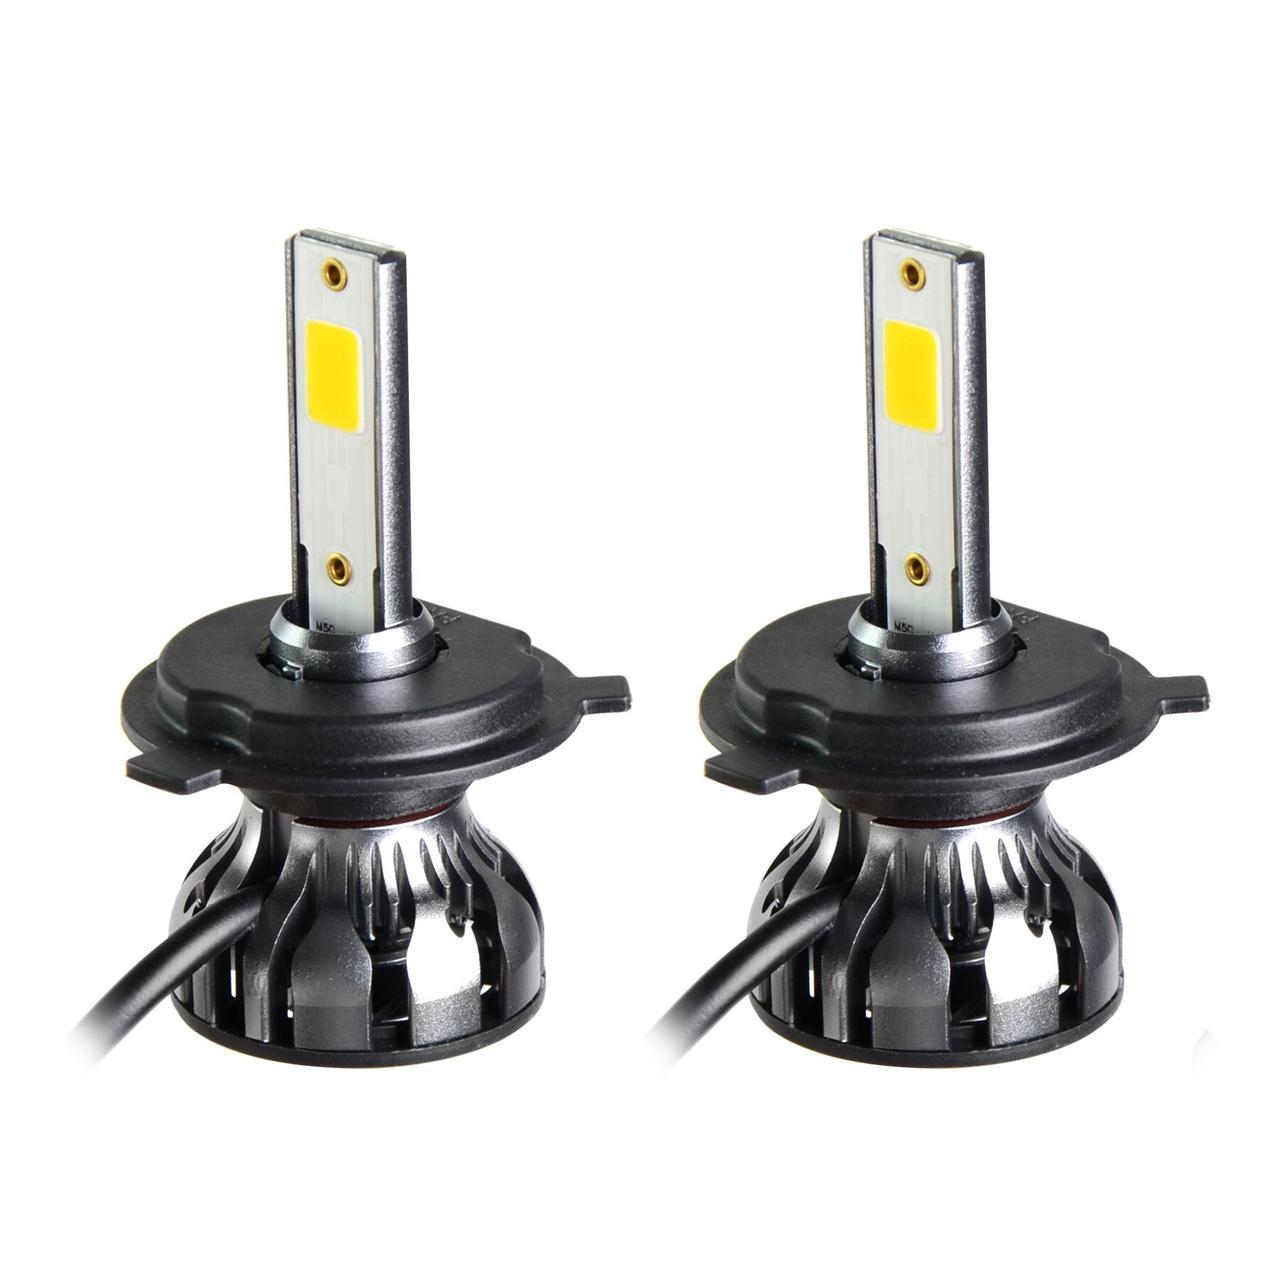 Светодиодные LED лампы MLux Grey Line H4/9003/HB2 BI, 26 Вт, 5000°К